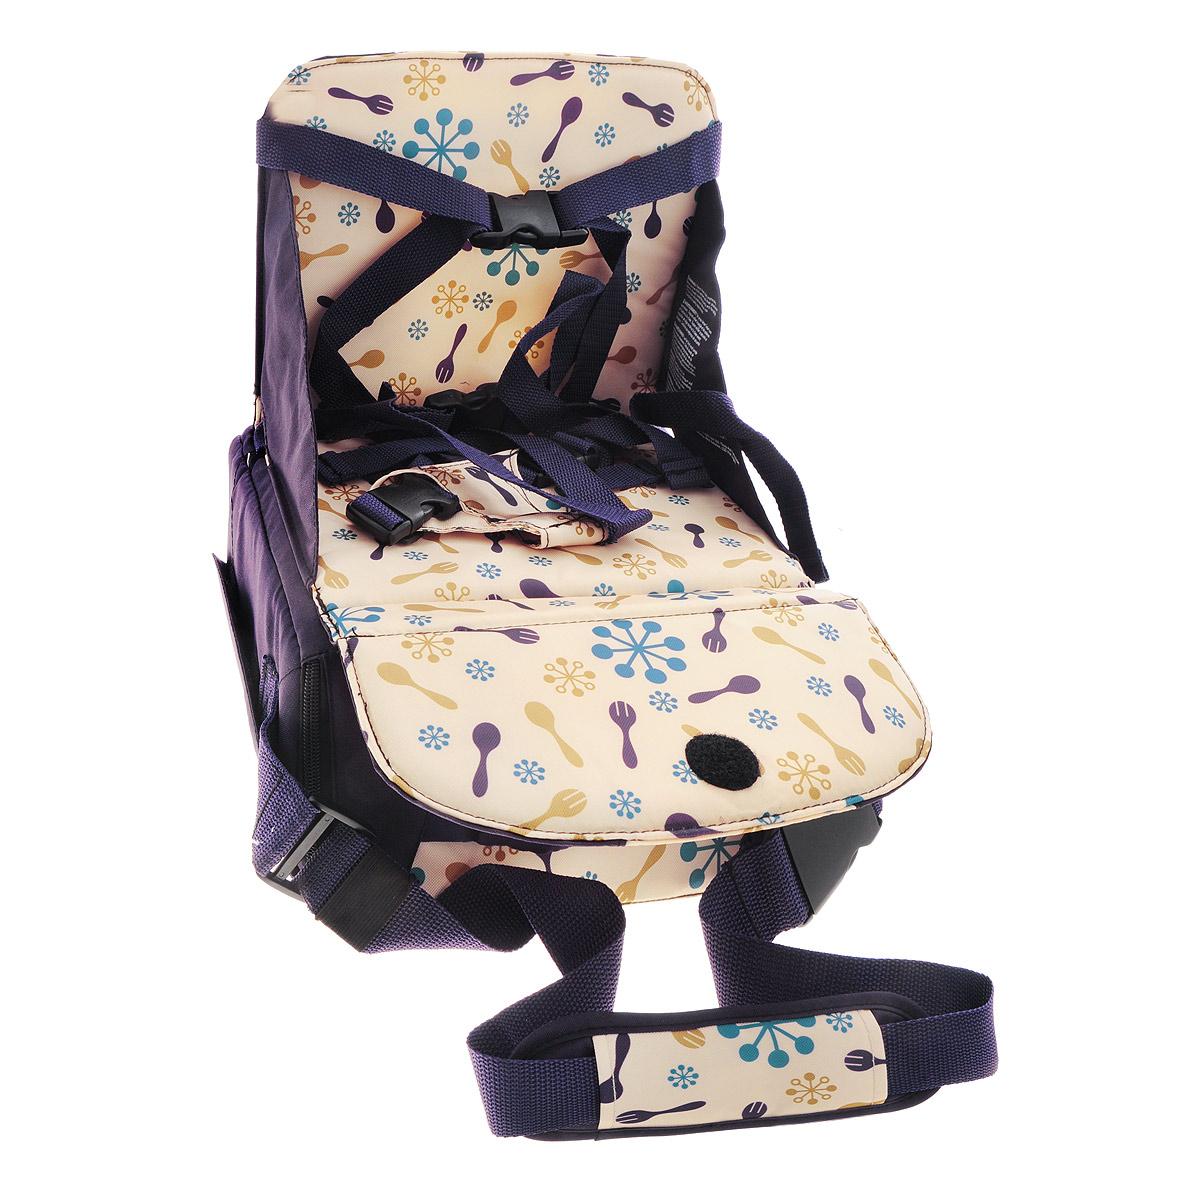 """Дорожный детский стульчик """"Munchkin"""" - незаменимая вещь в дороге или в гостях, если вы решили покормить малыша, а под рукой нет детского стульчика. Это компактный стульчик для кормления, предназначенный для детей весом до 15 кг, подходит для любого обычного стула со спинкой и легко трансформируется в дорожную сумочку. Детский стульчик легко крепится к стулу при помощи текстильных ремней, регулируемых по длине и защелкивающихся на карабины. Стульчик регулируется по высоте с помощью ножек. Под сиденьем расположен внутренний вместительный карман, в котором можно хранить детские столовые принадлежности, салфетки или другие необходимые вещи."""